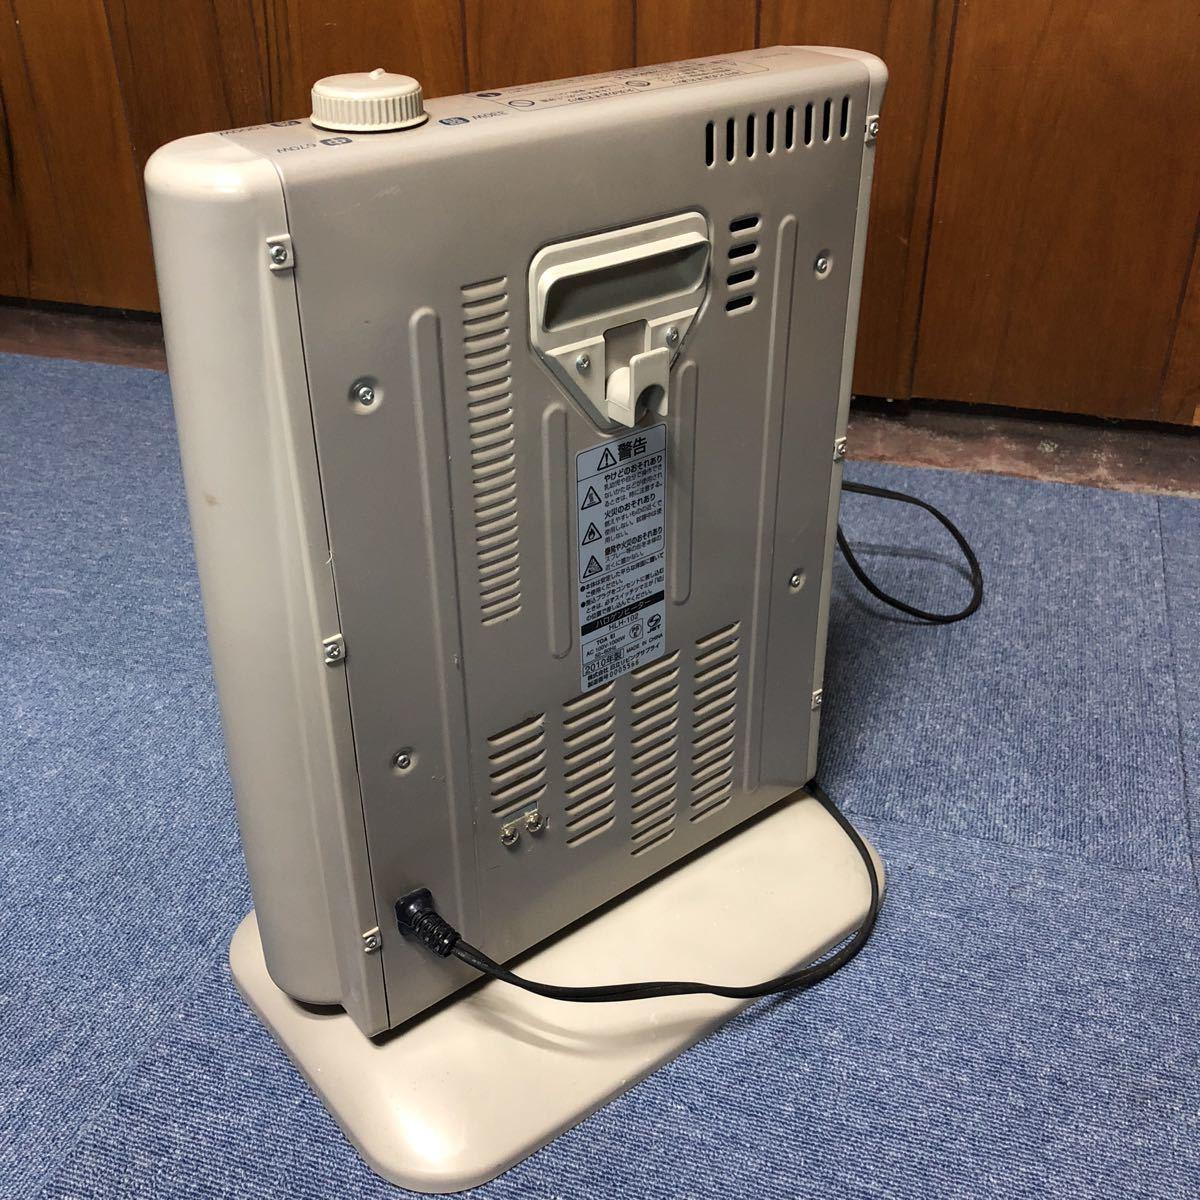 日立リビングサプライ ハロゲンヒーター 2010年式 HLH-102 3段階調節 暖房器具 動作品_画像6